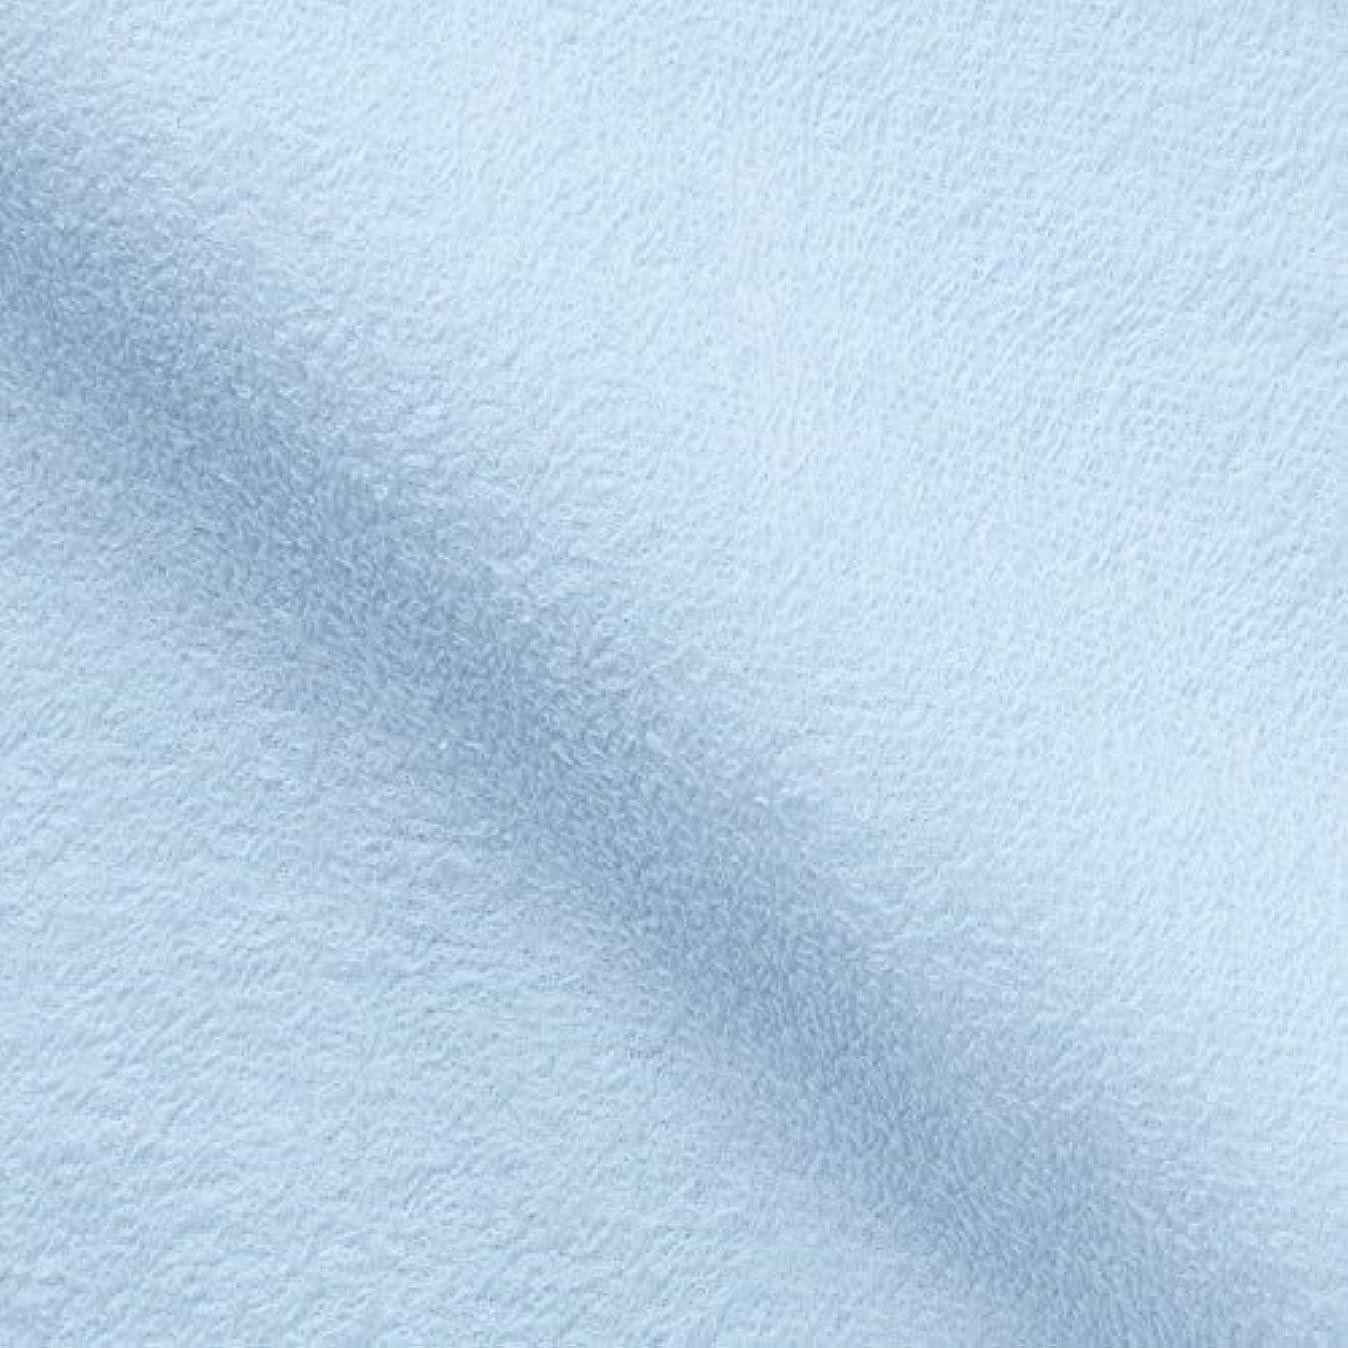 端末確認マルクス主義キヨタ 抗菌介護タオル(フェイスタオル12枚入) ブルー 34×84cm